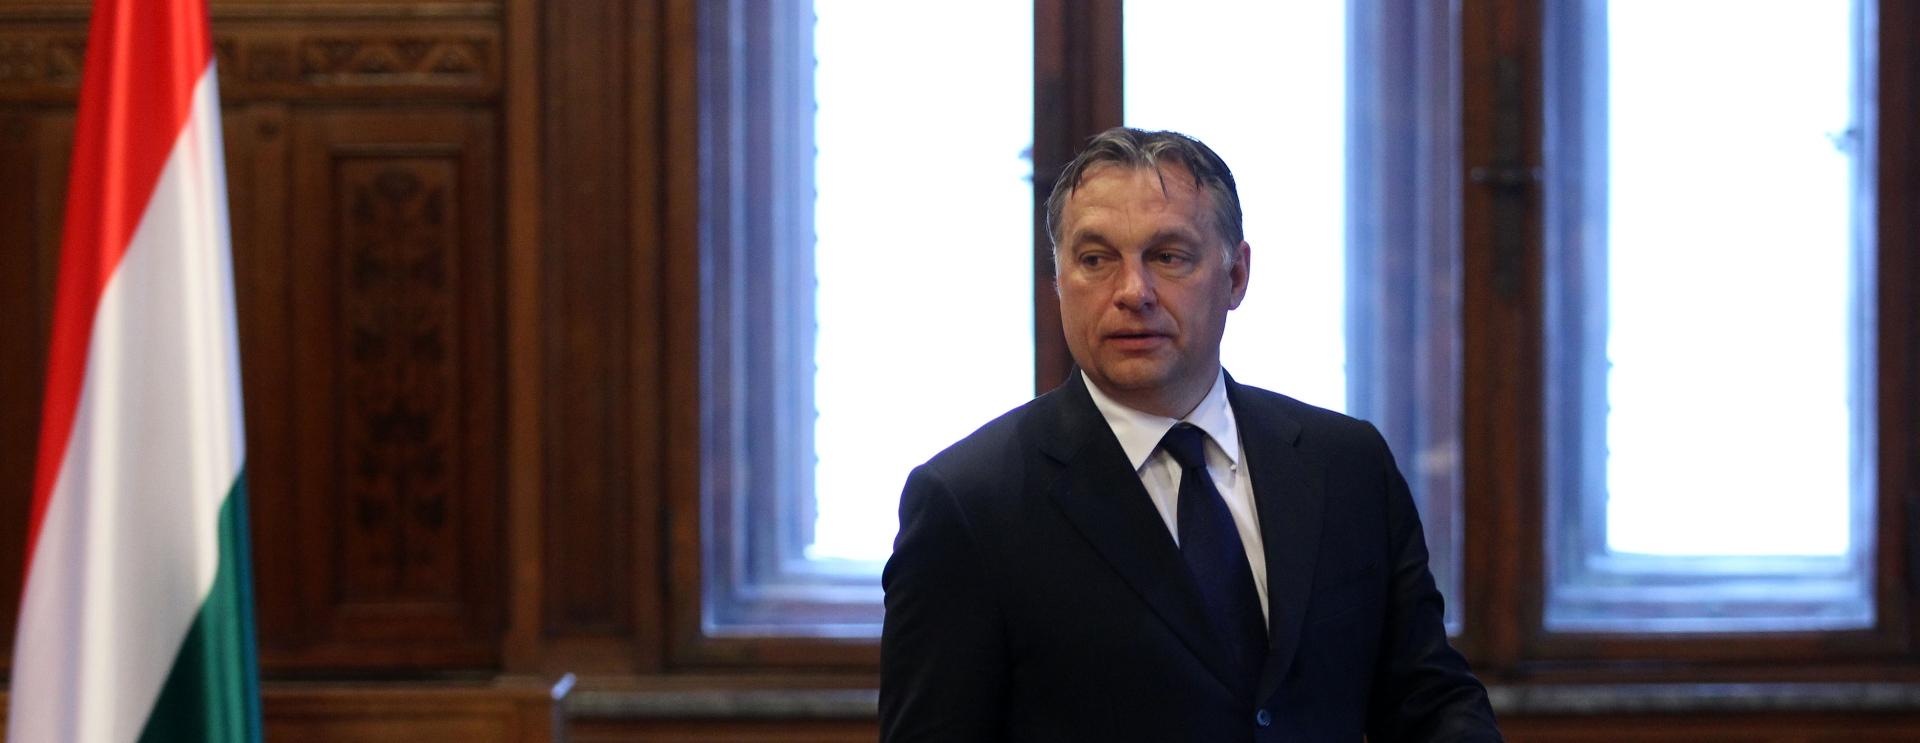 Orban: Muslimanski izbjeglički val prijeti europskim kršćanskim korijenima